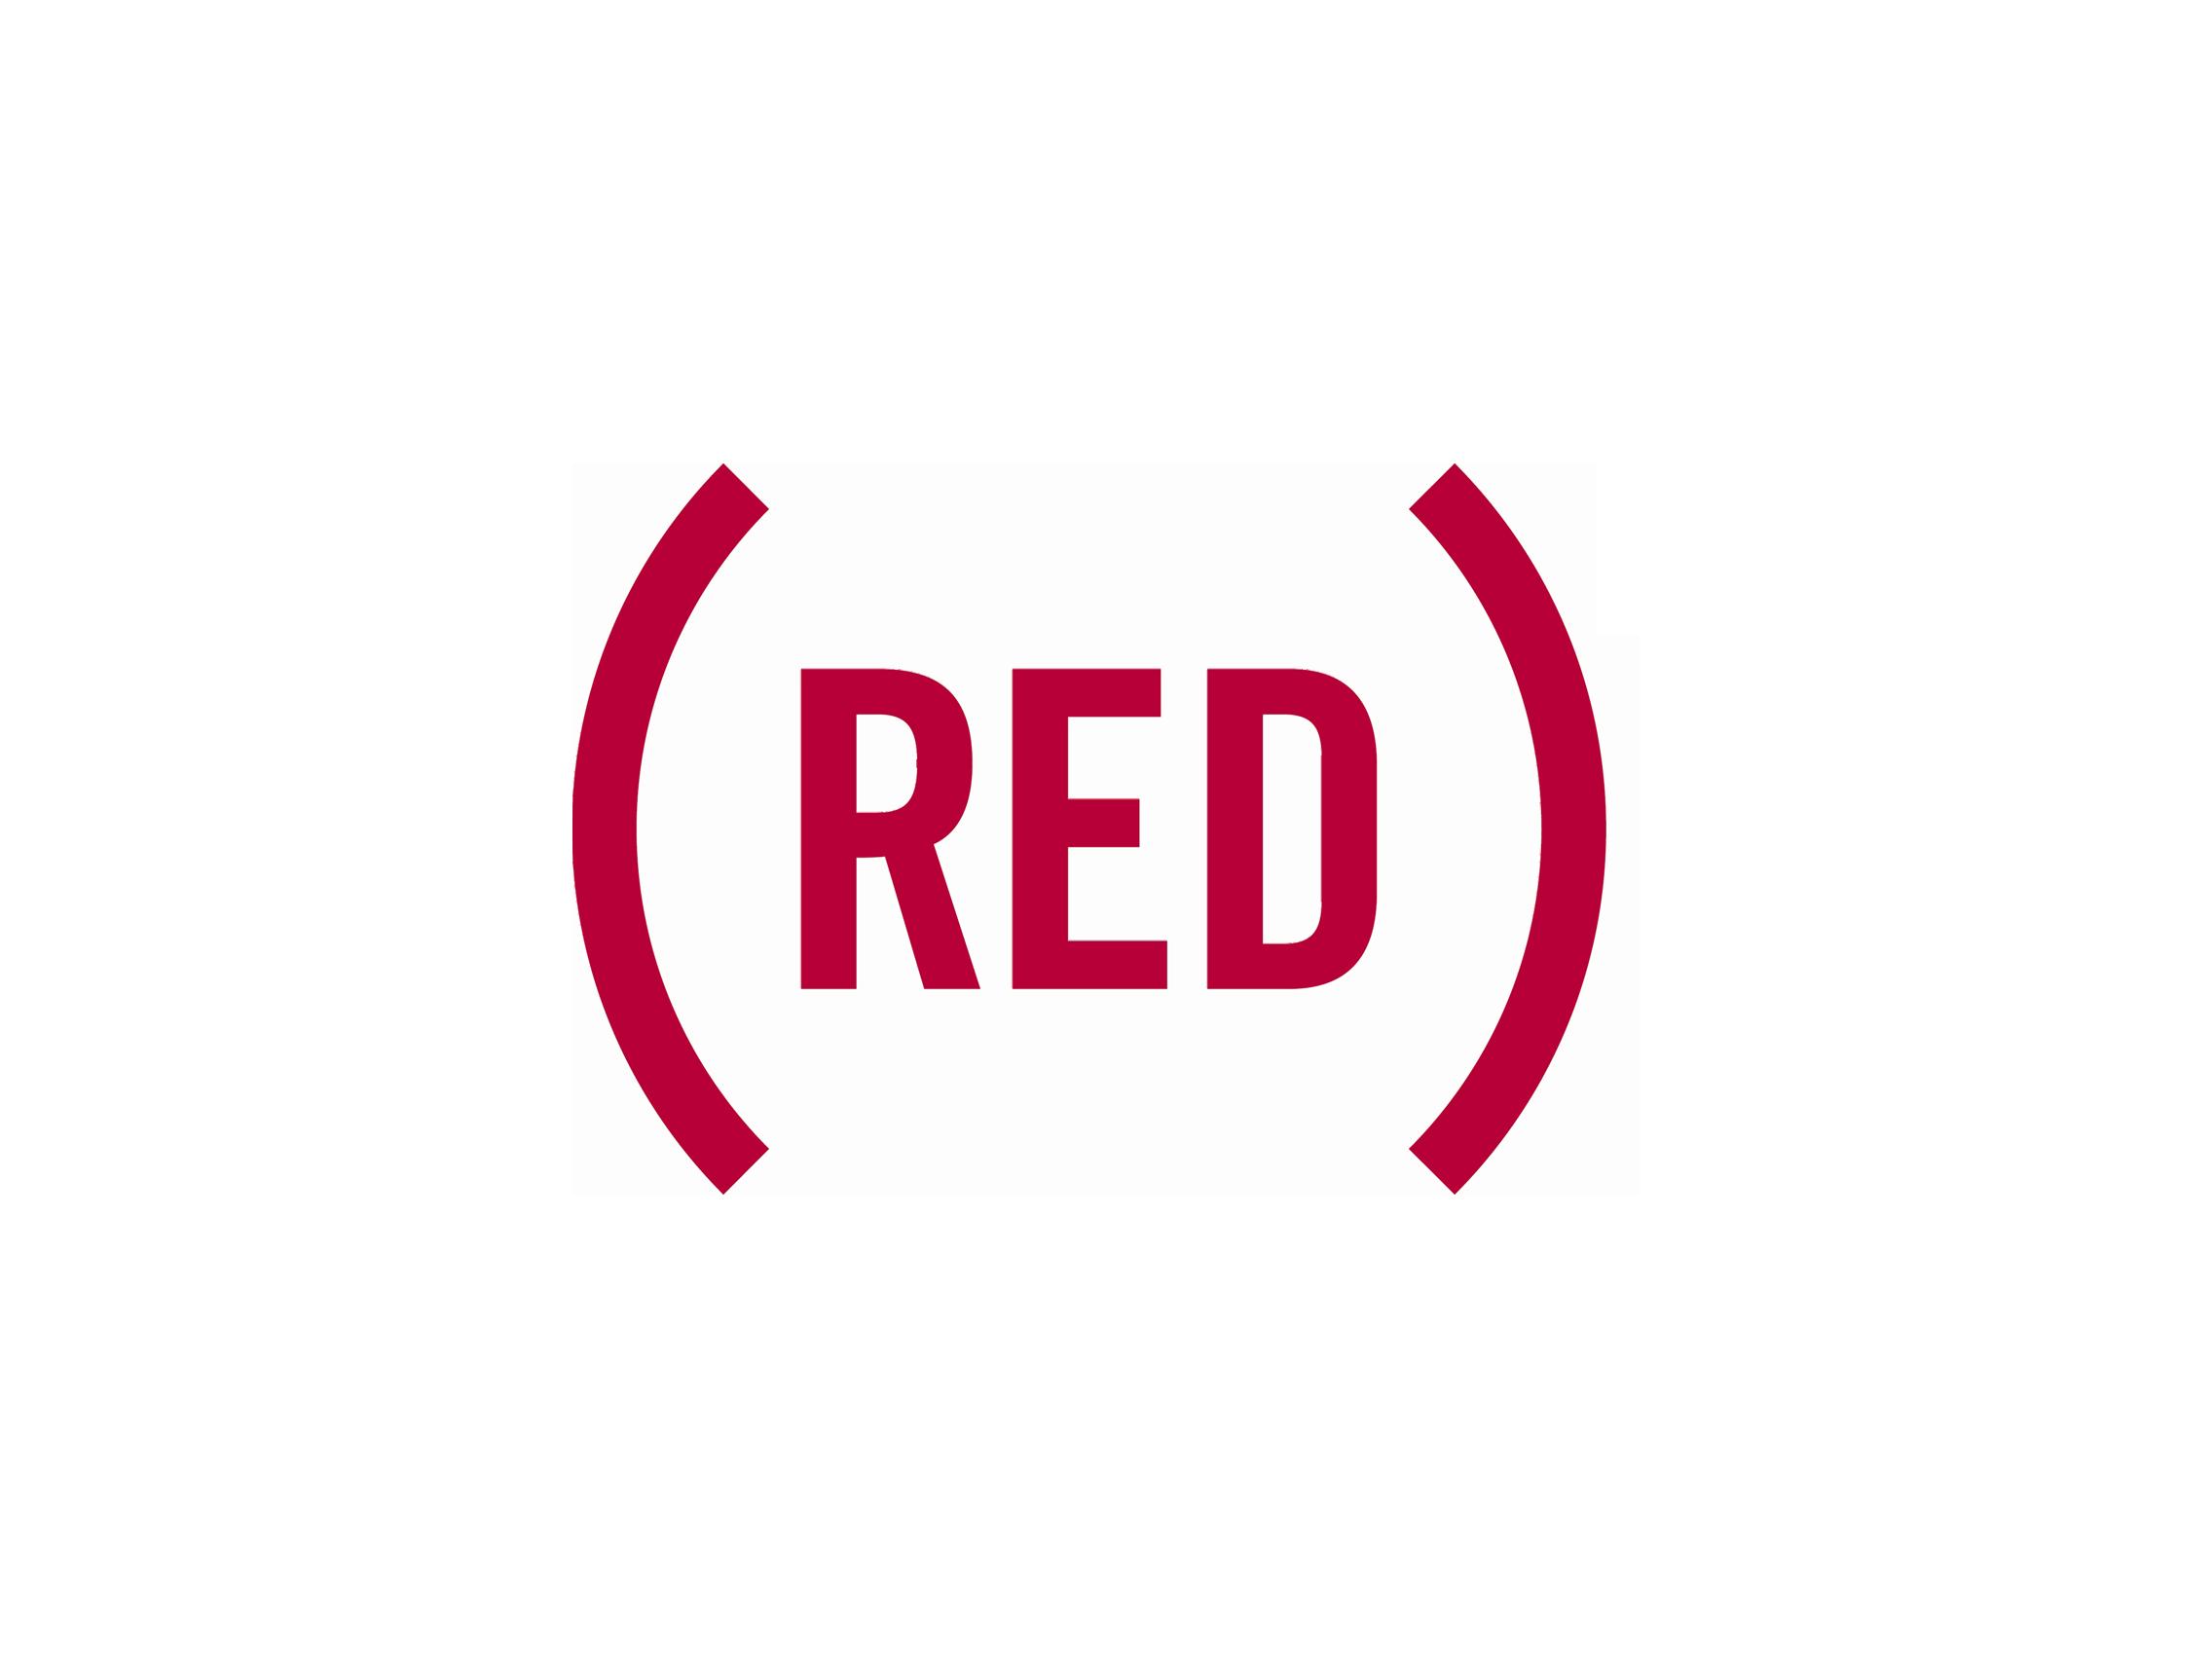 (RED) logo